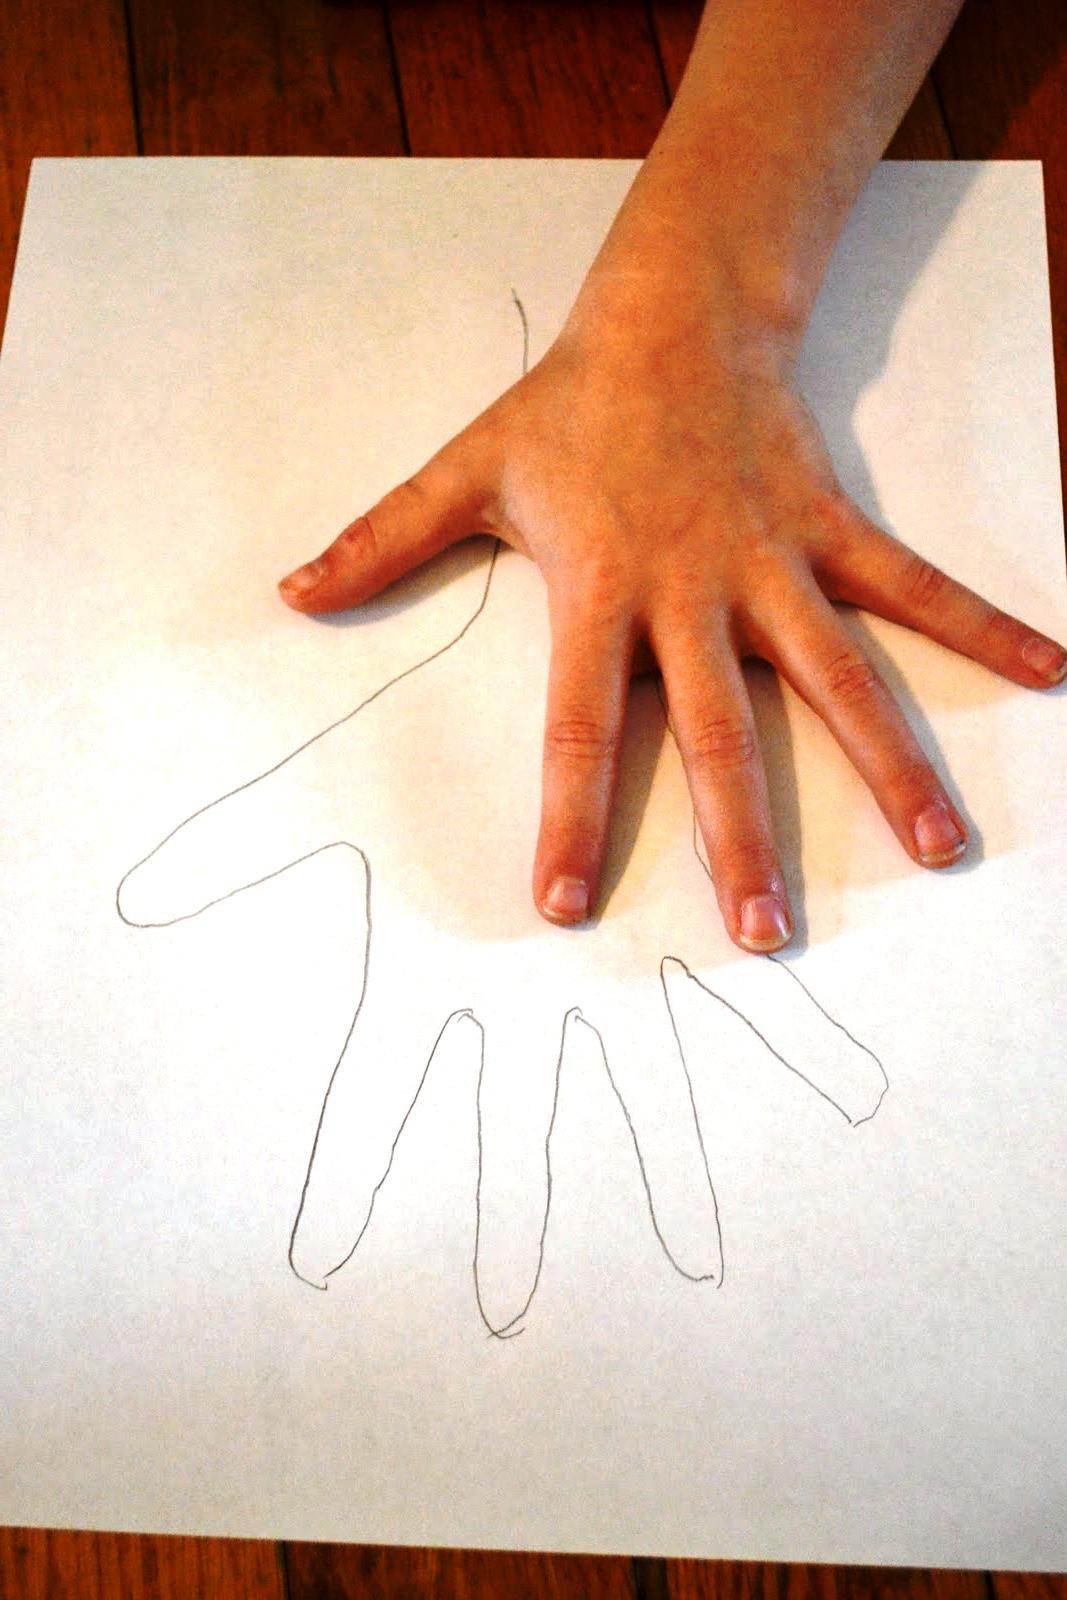 Как сделать маме подарок маме своими руками на